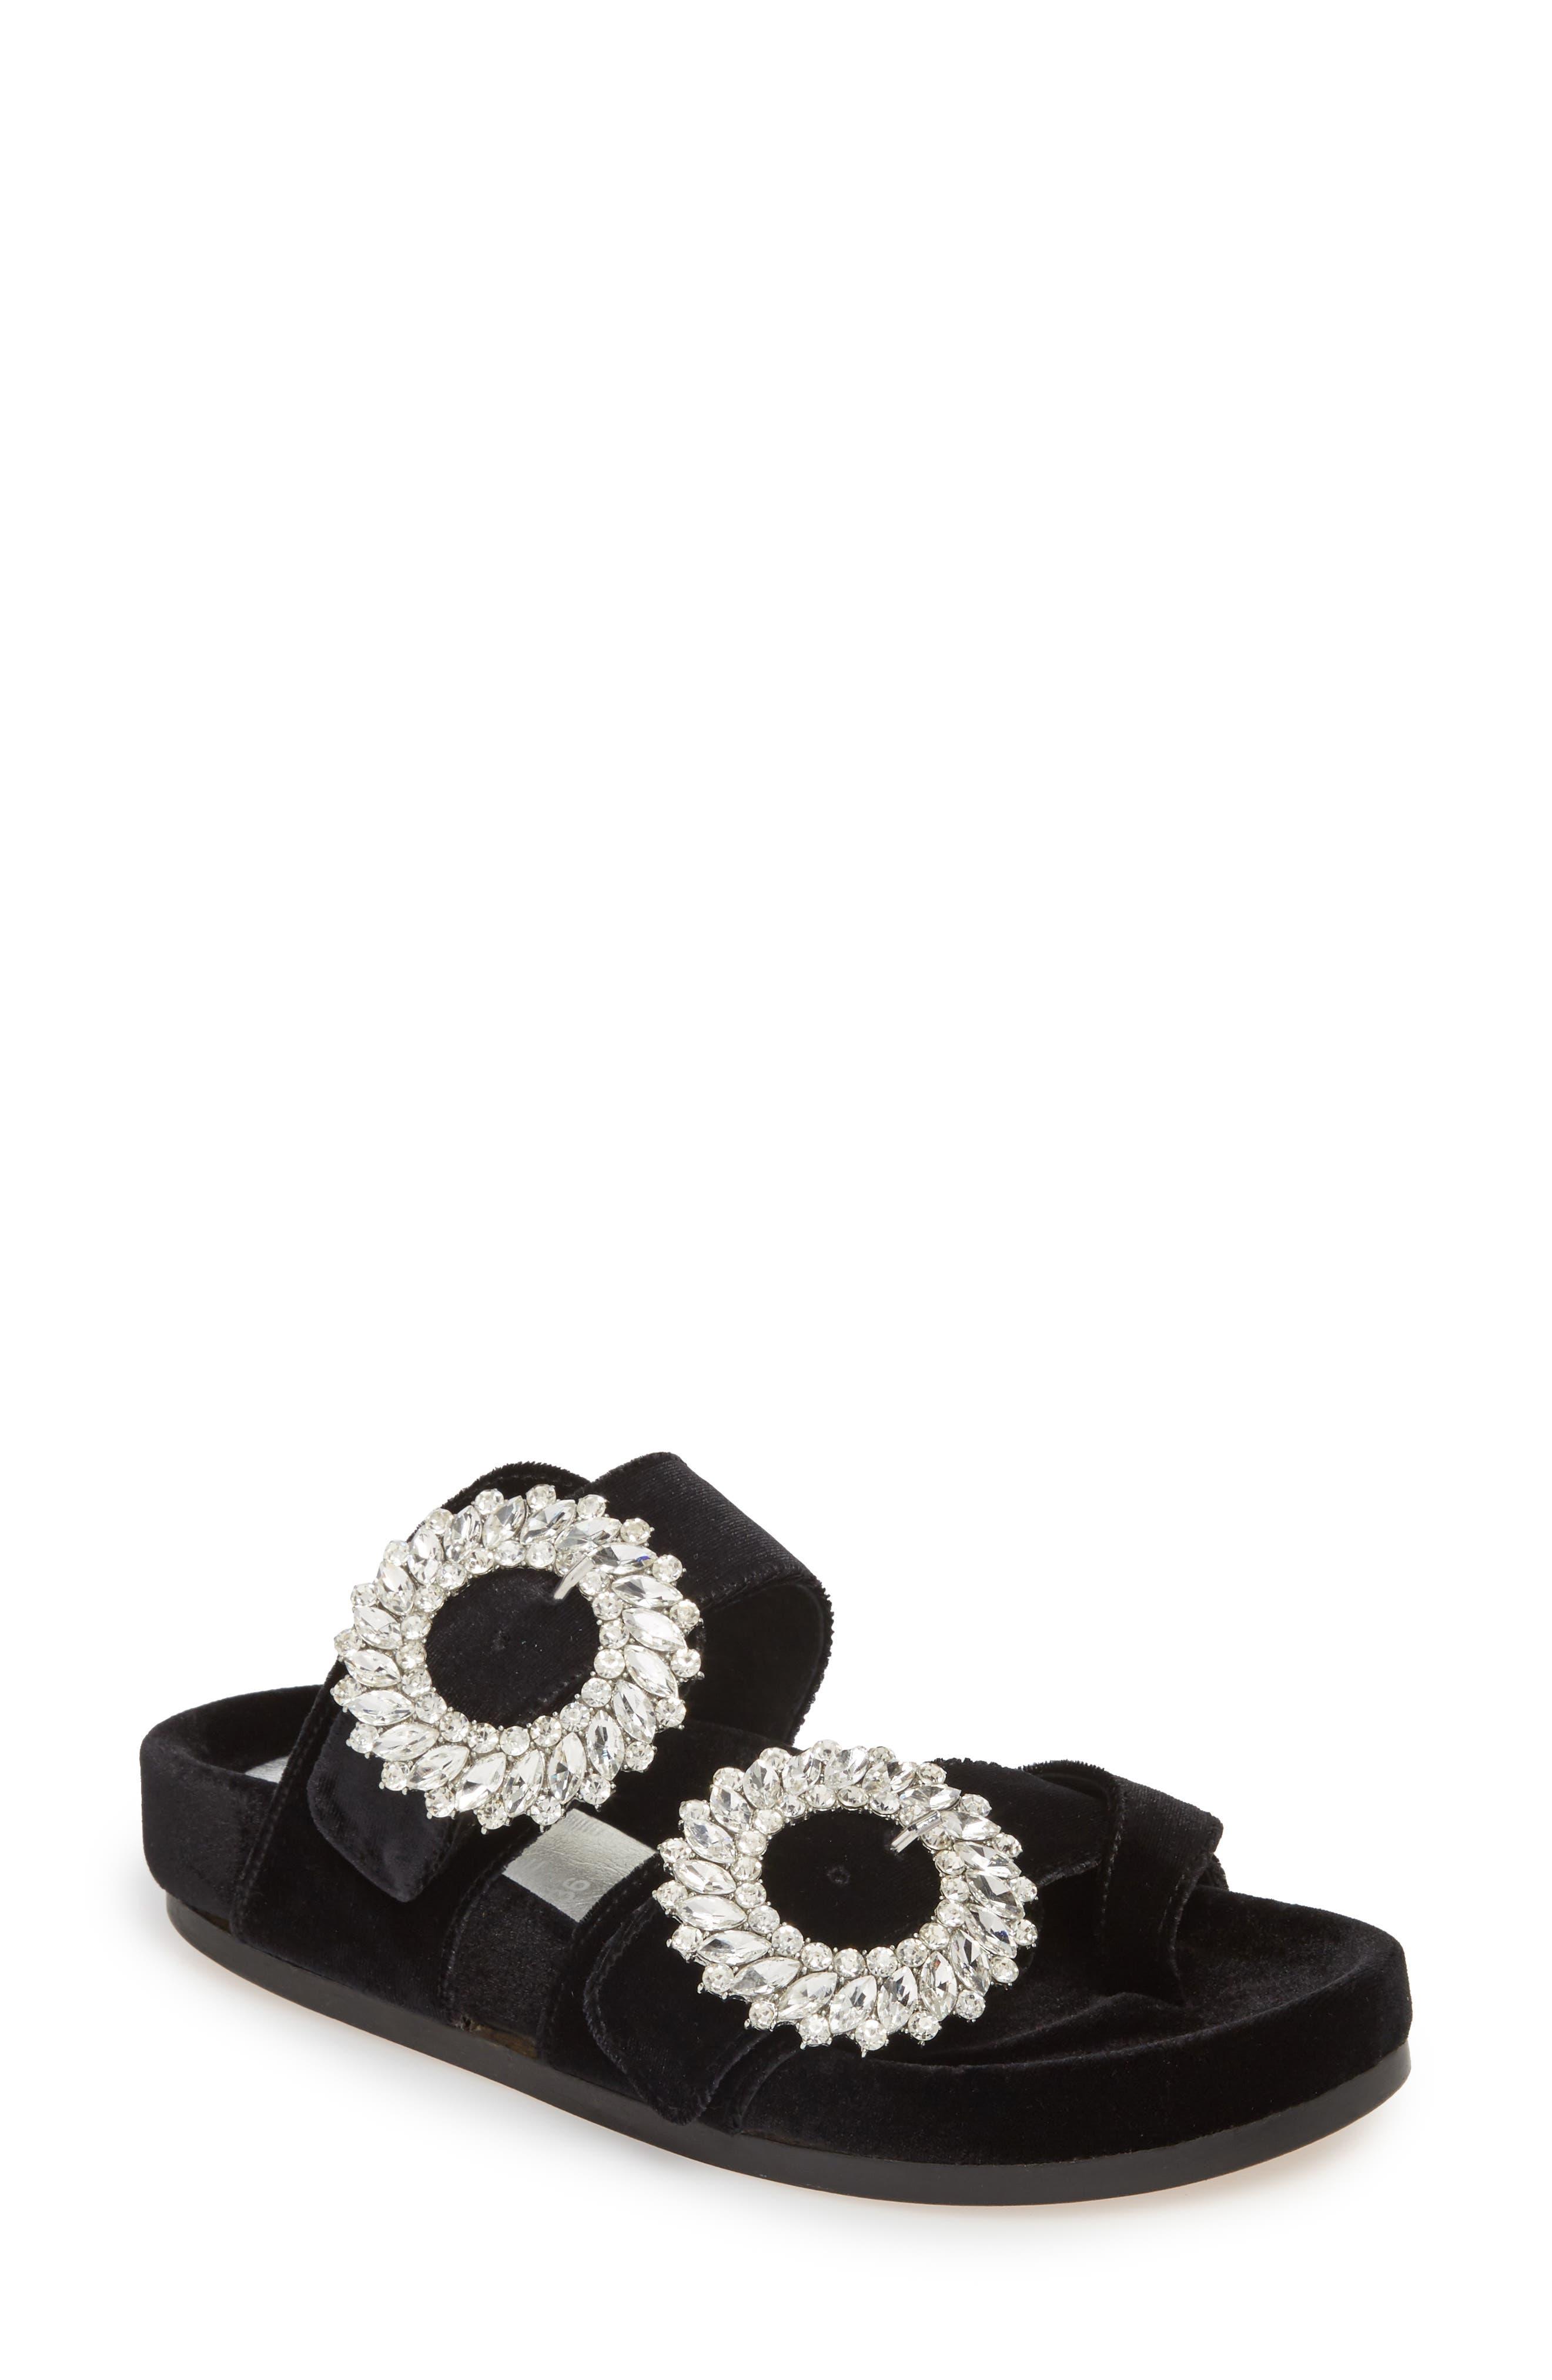 Maui2 Sandal,                             Main thumbnail 1, color,                             Black Velvet/ White